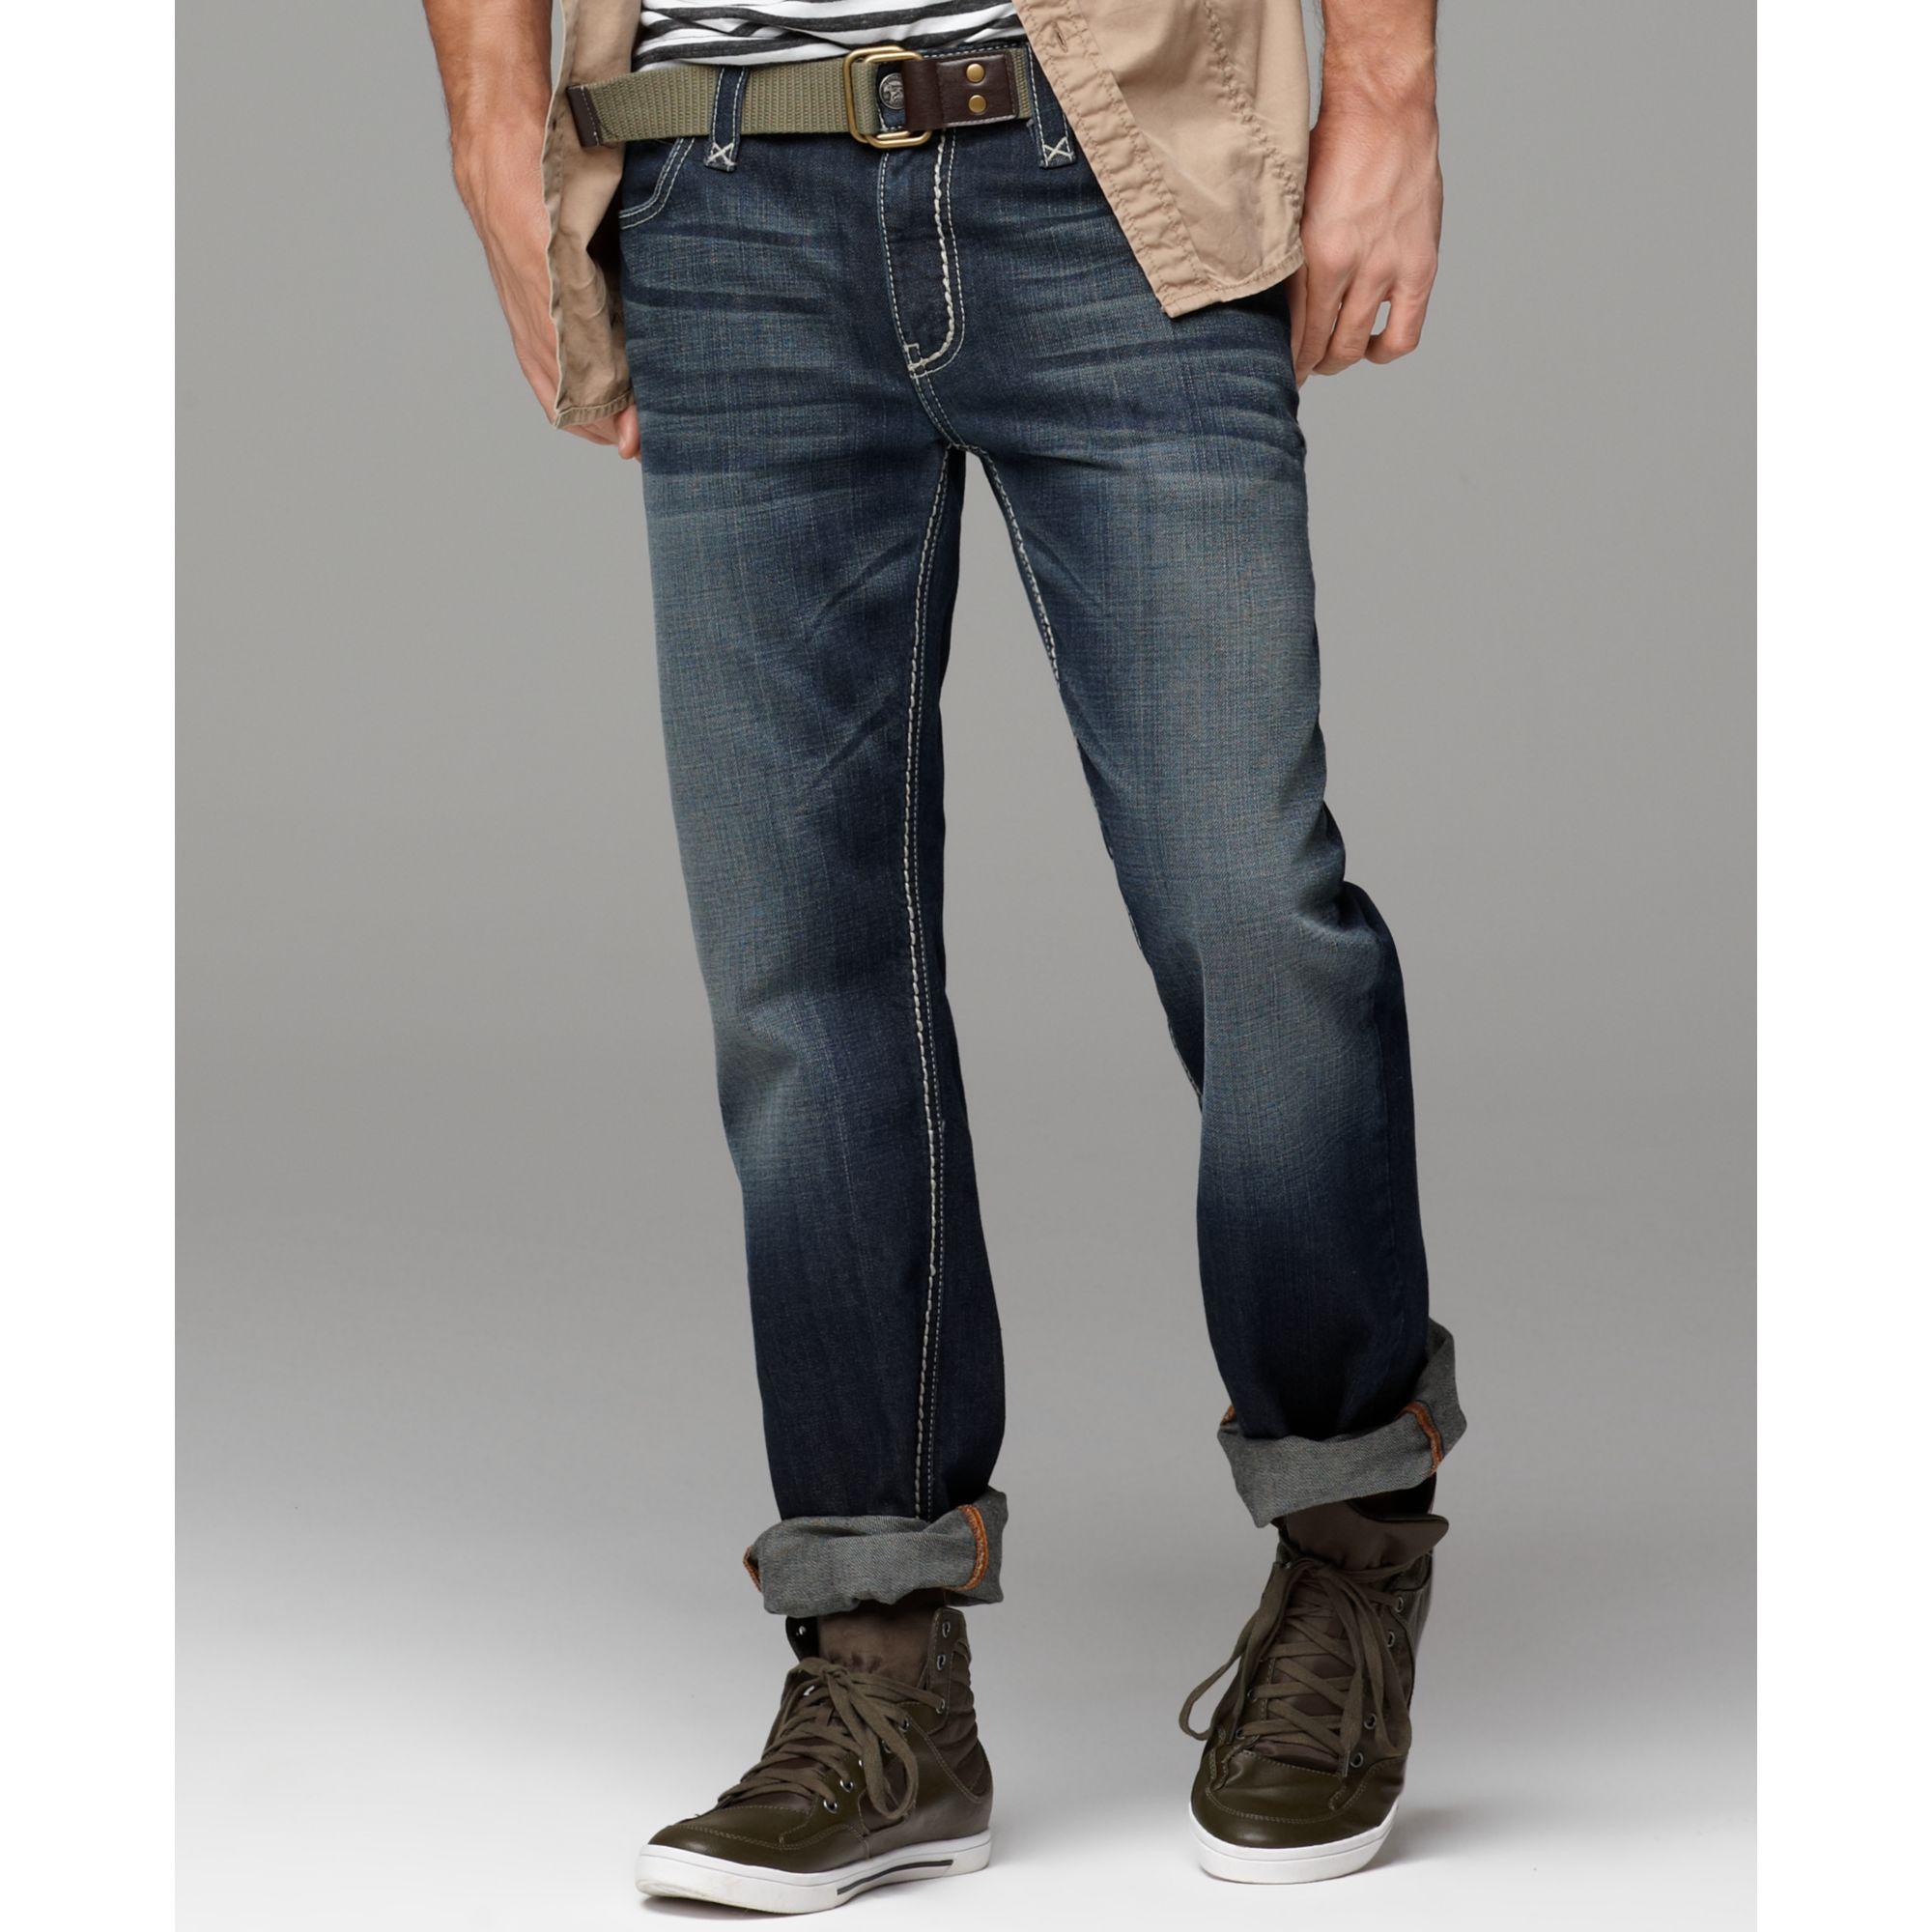 Inc Jeans For Men - Xtellar Jeans